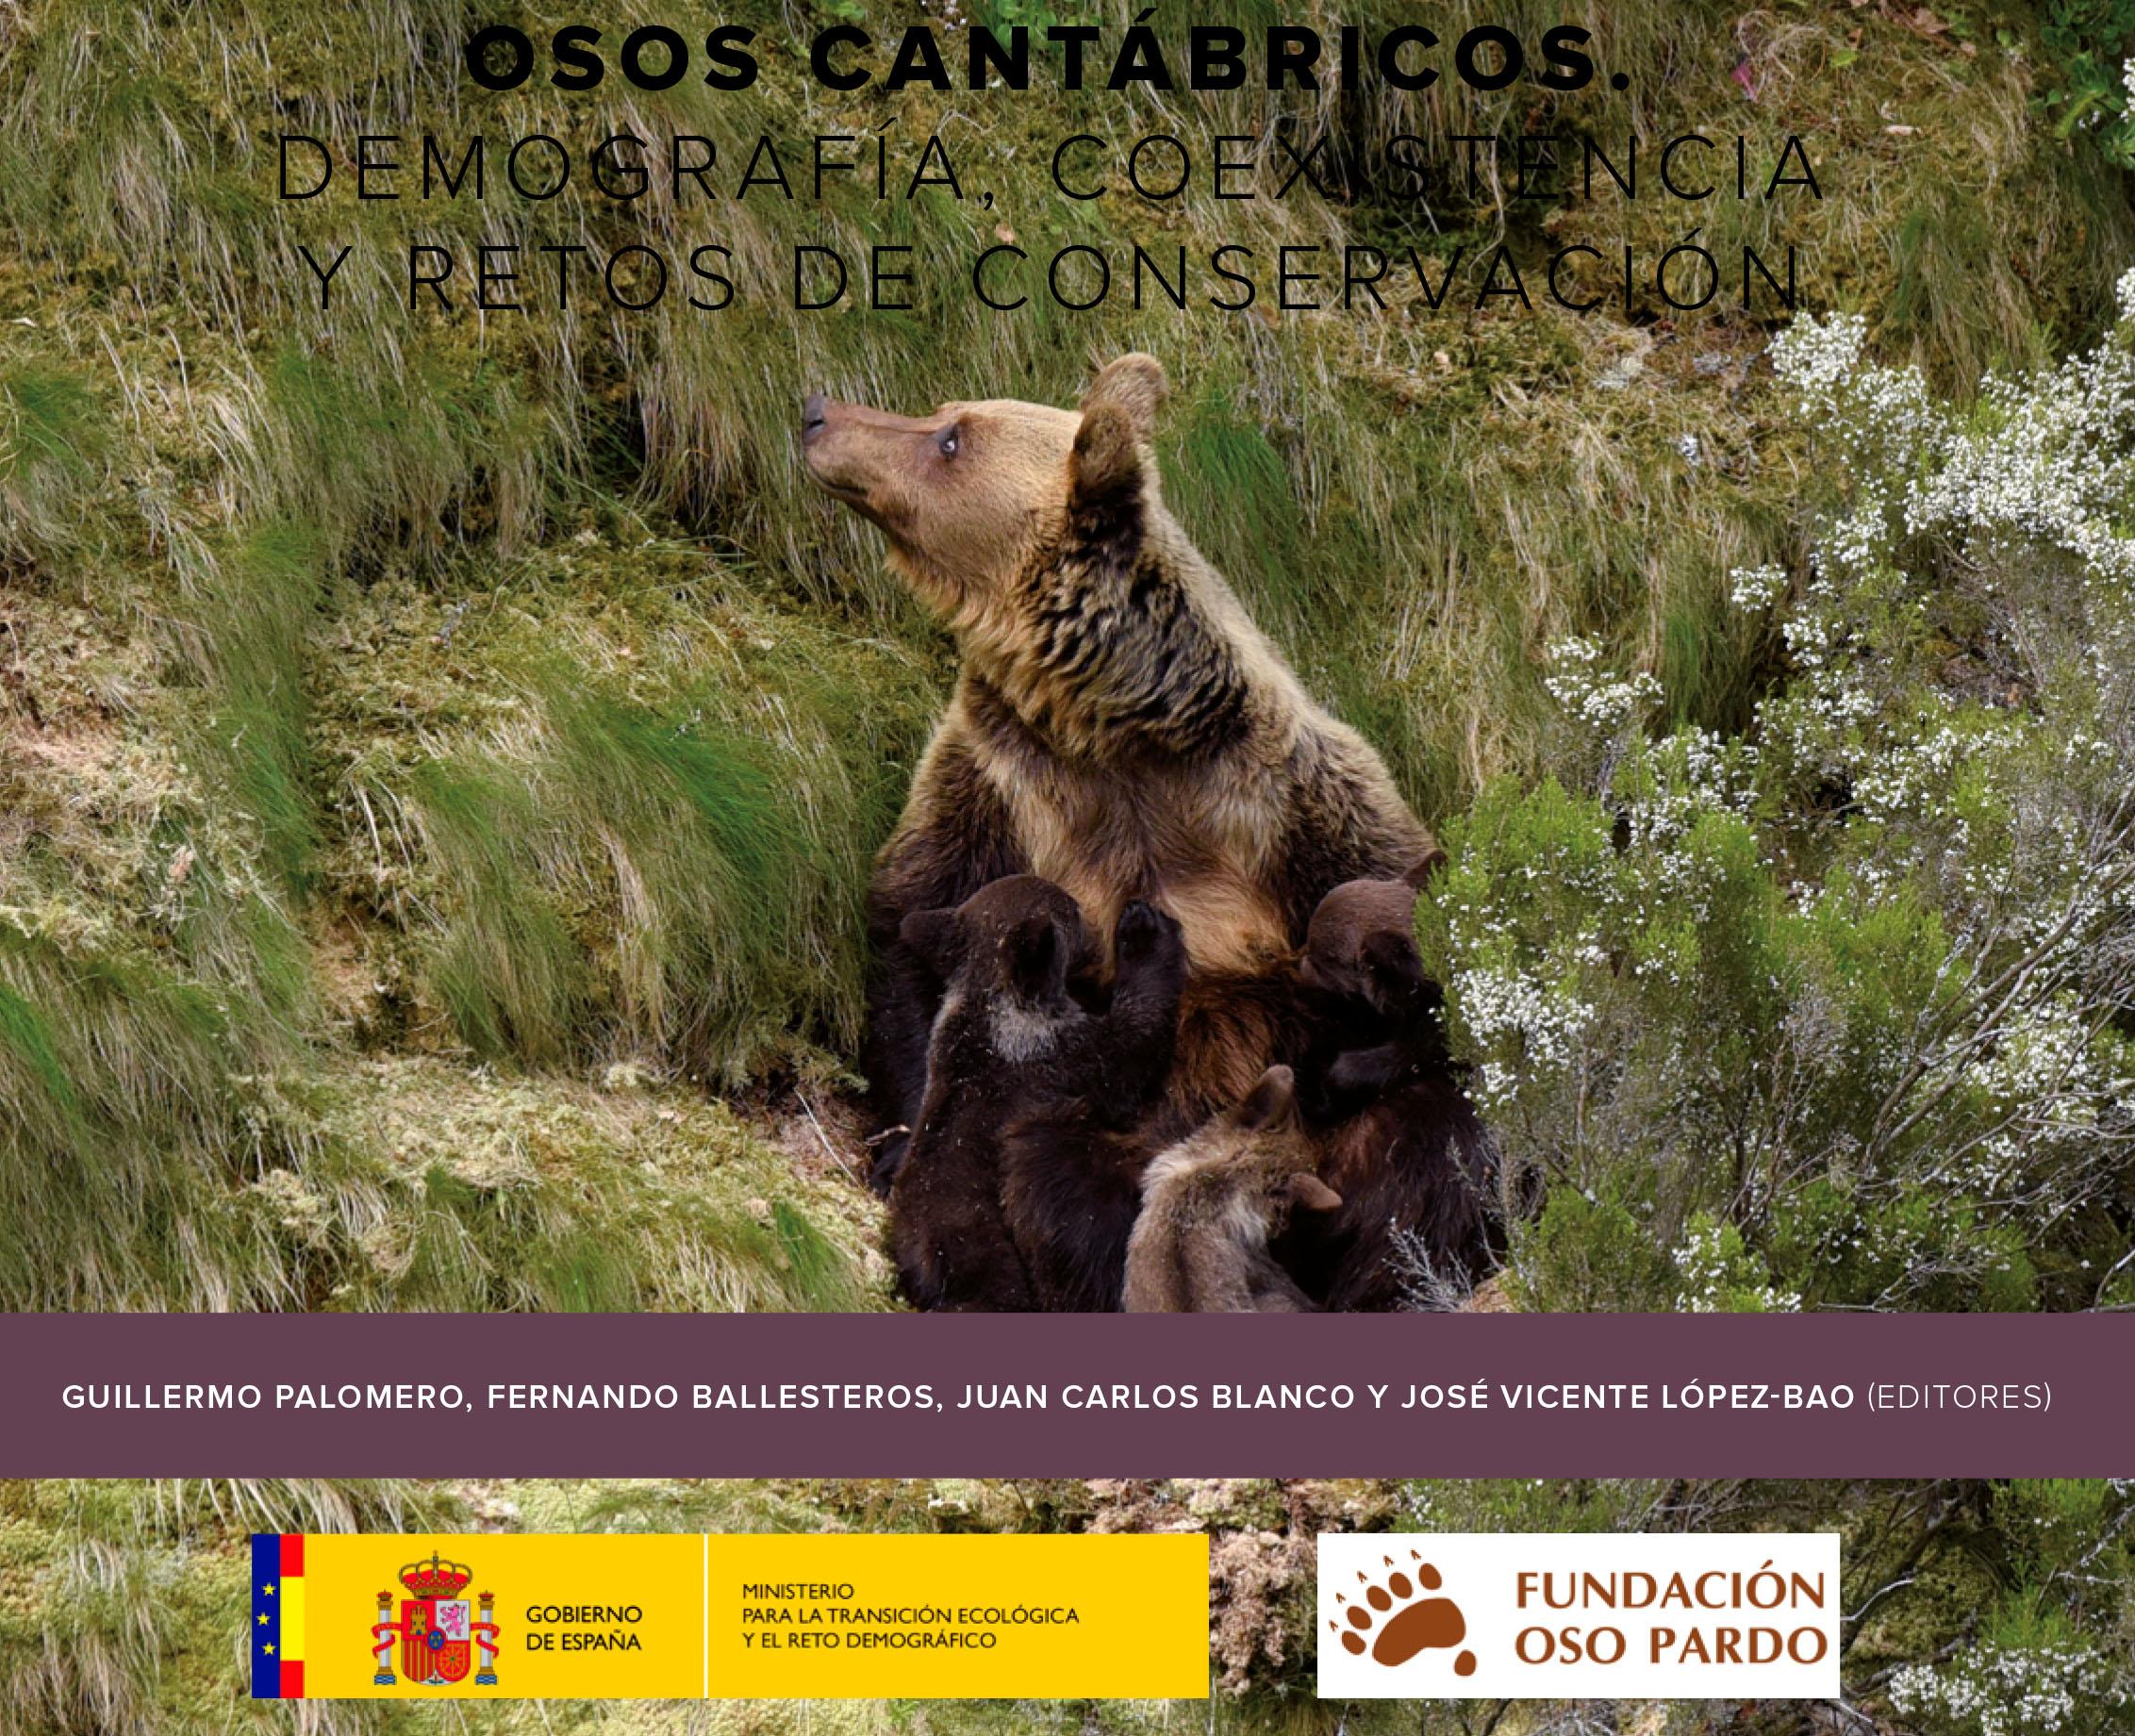 Nueva publicación sobre los osos cantábricos